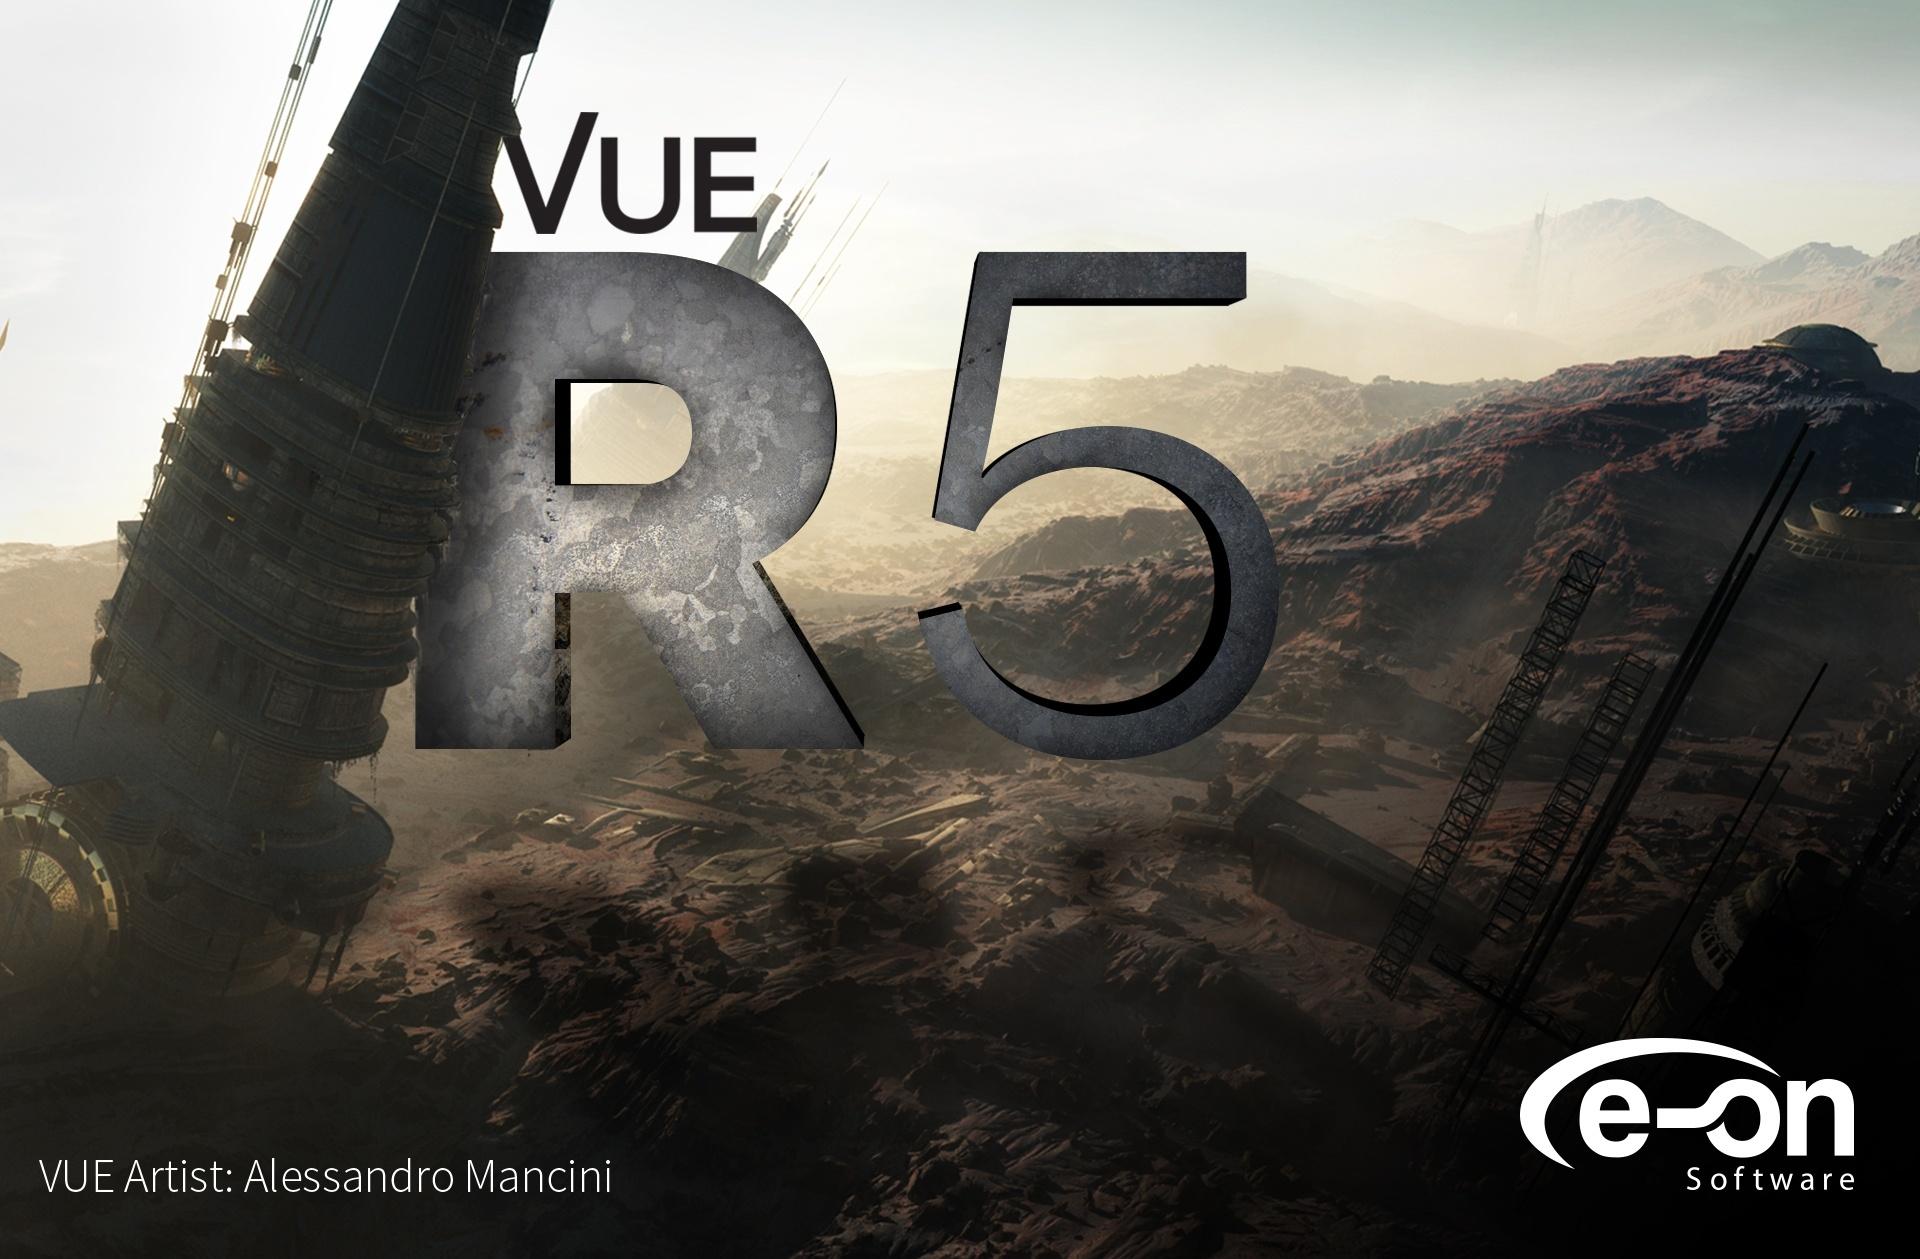 VUE R5-eonlogo